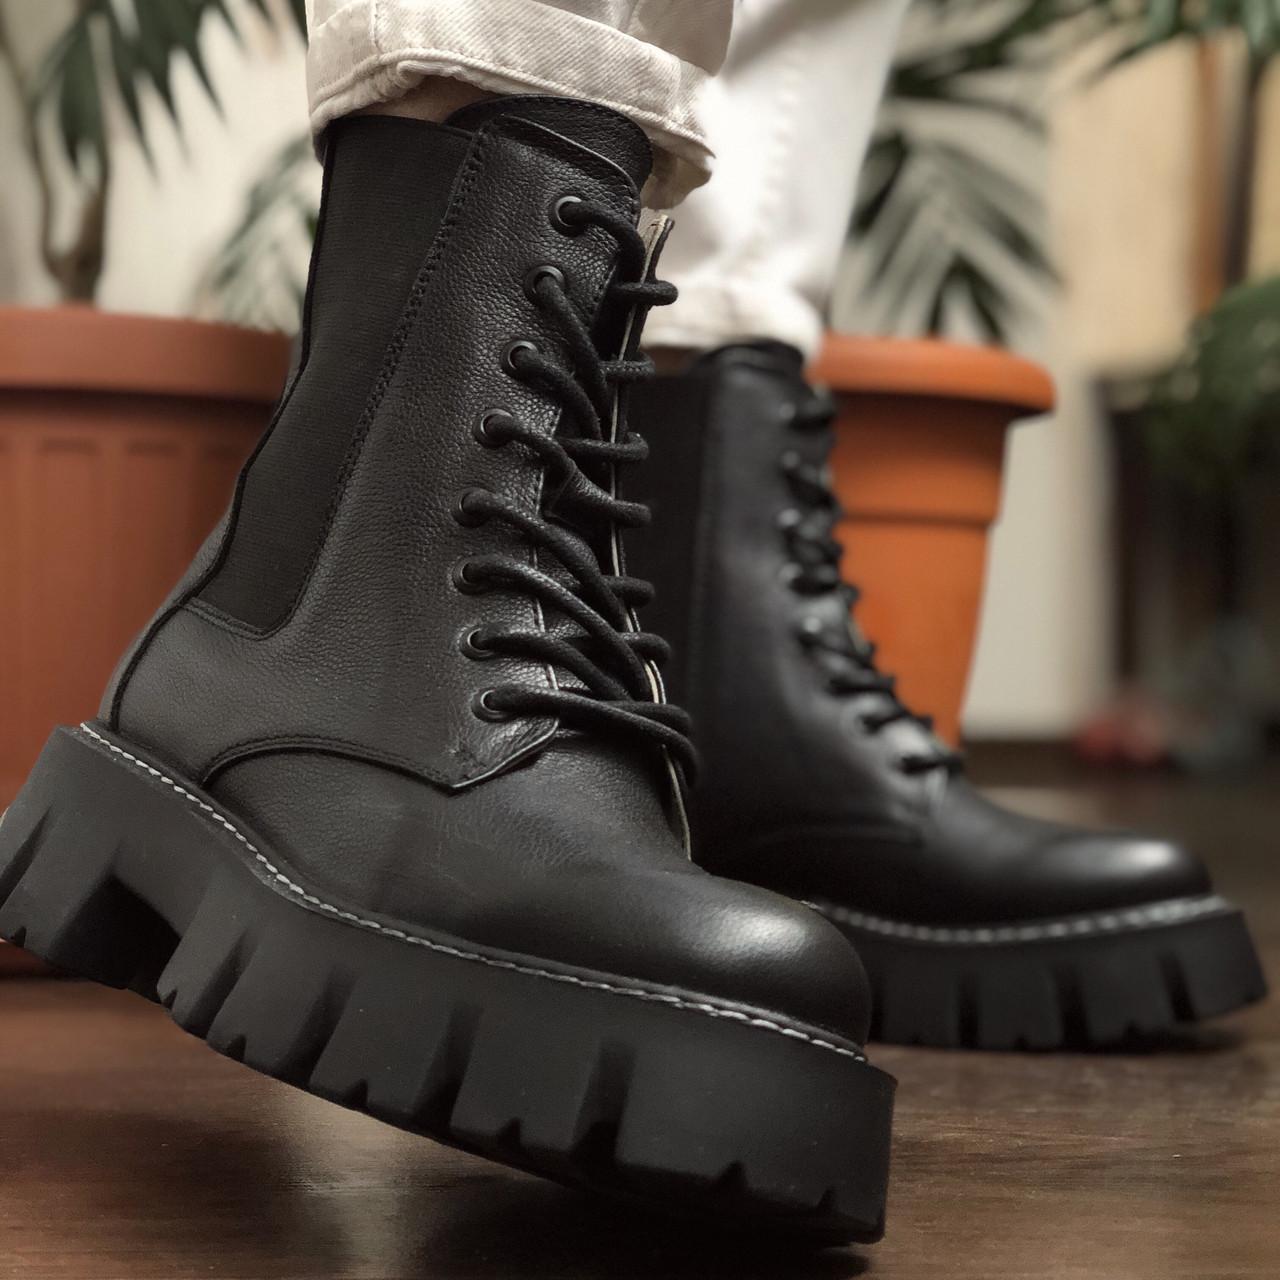 Жіночі черевики високі базові HBM Chelsey, чорний, натуральна шкіра, всередині шкіра+хутро+байка, 39 розмір